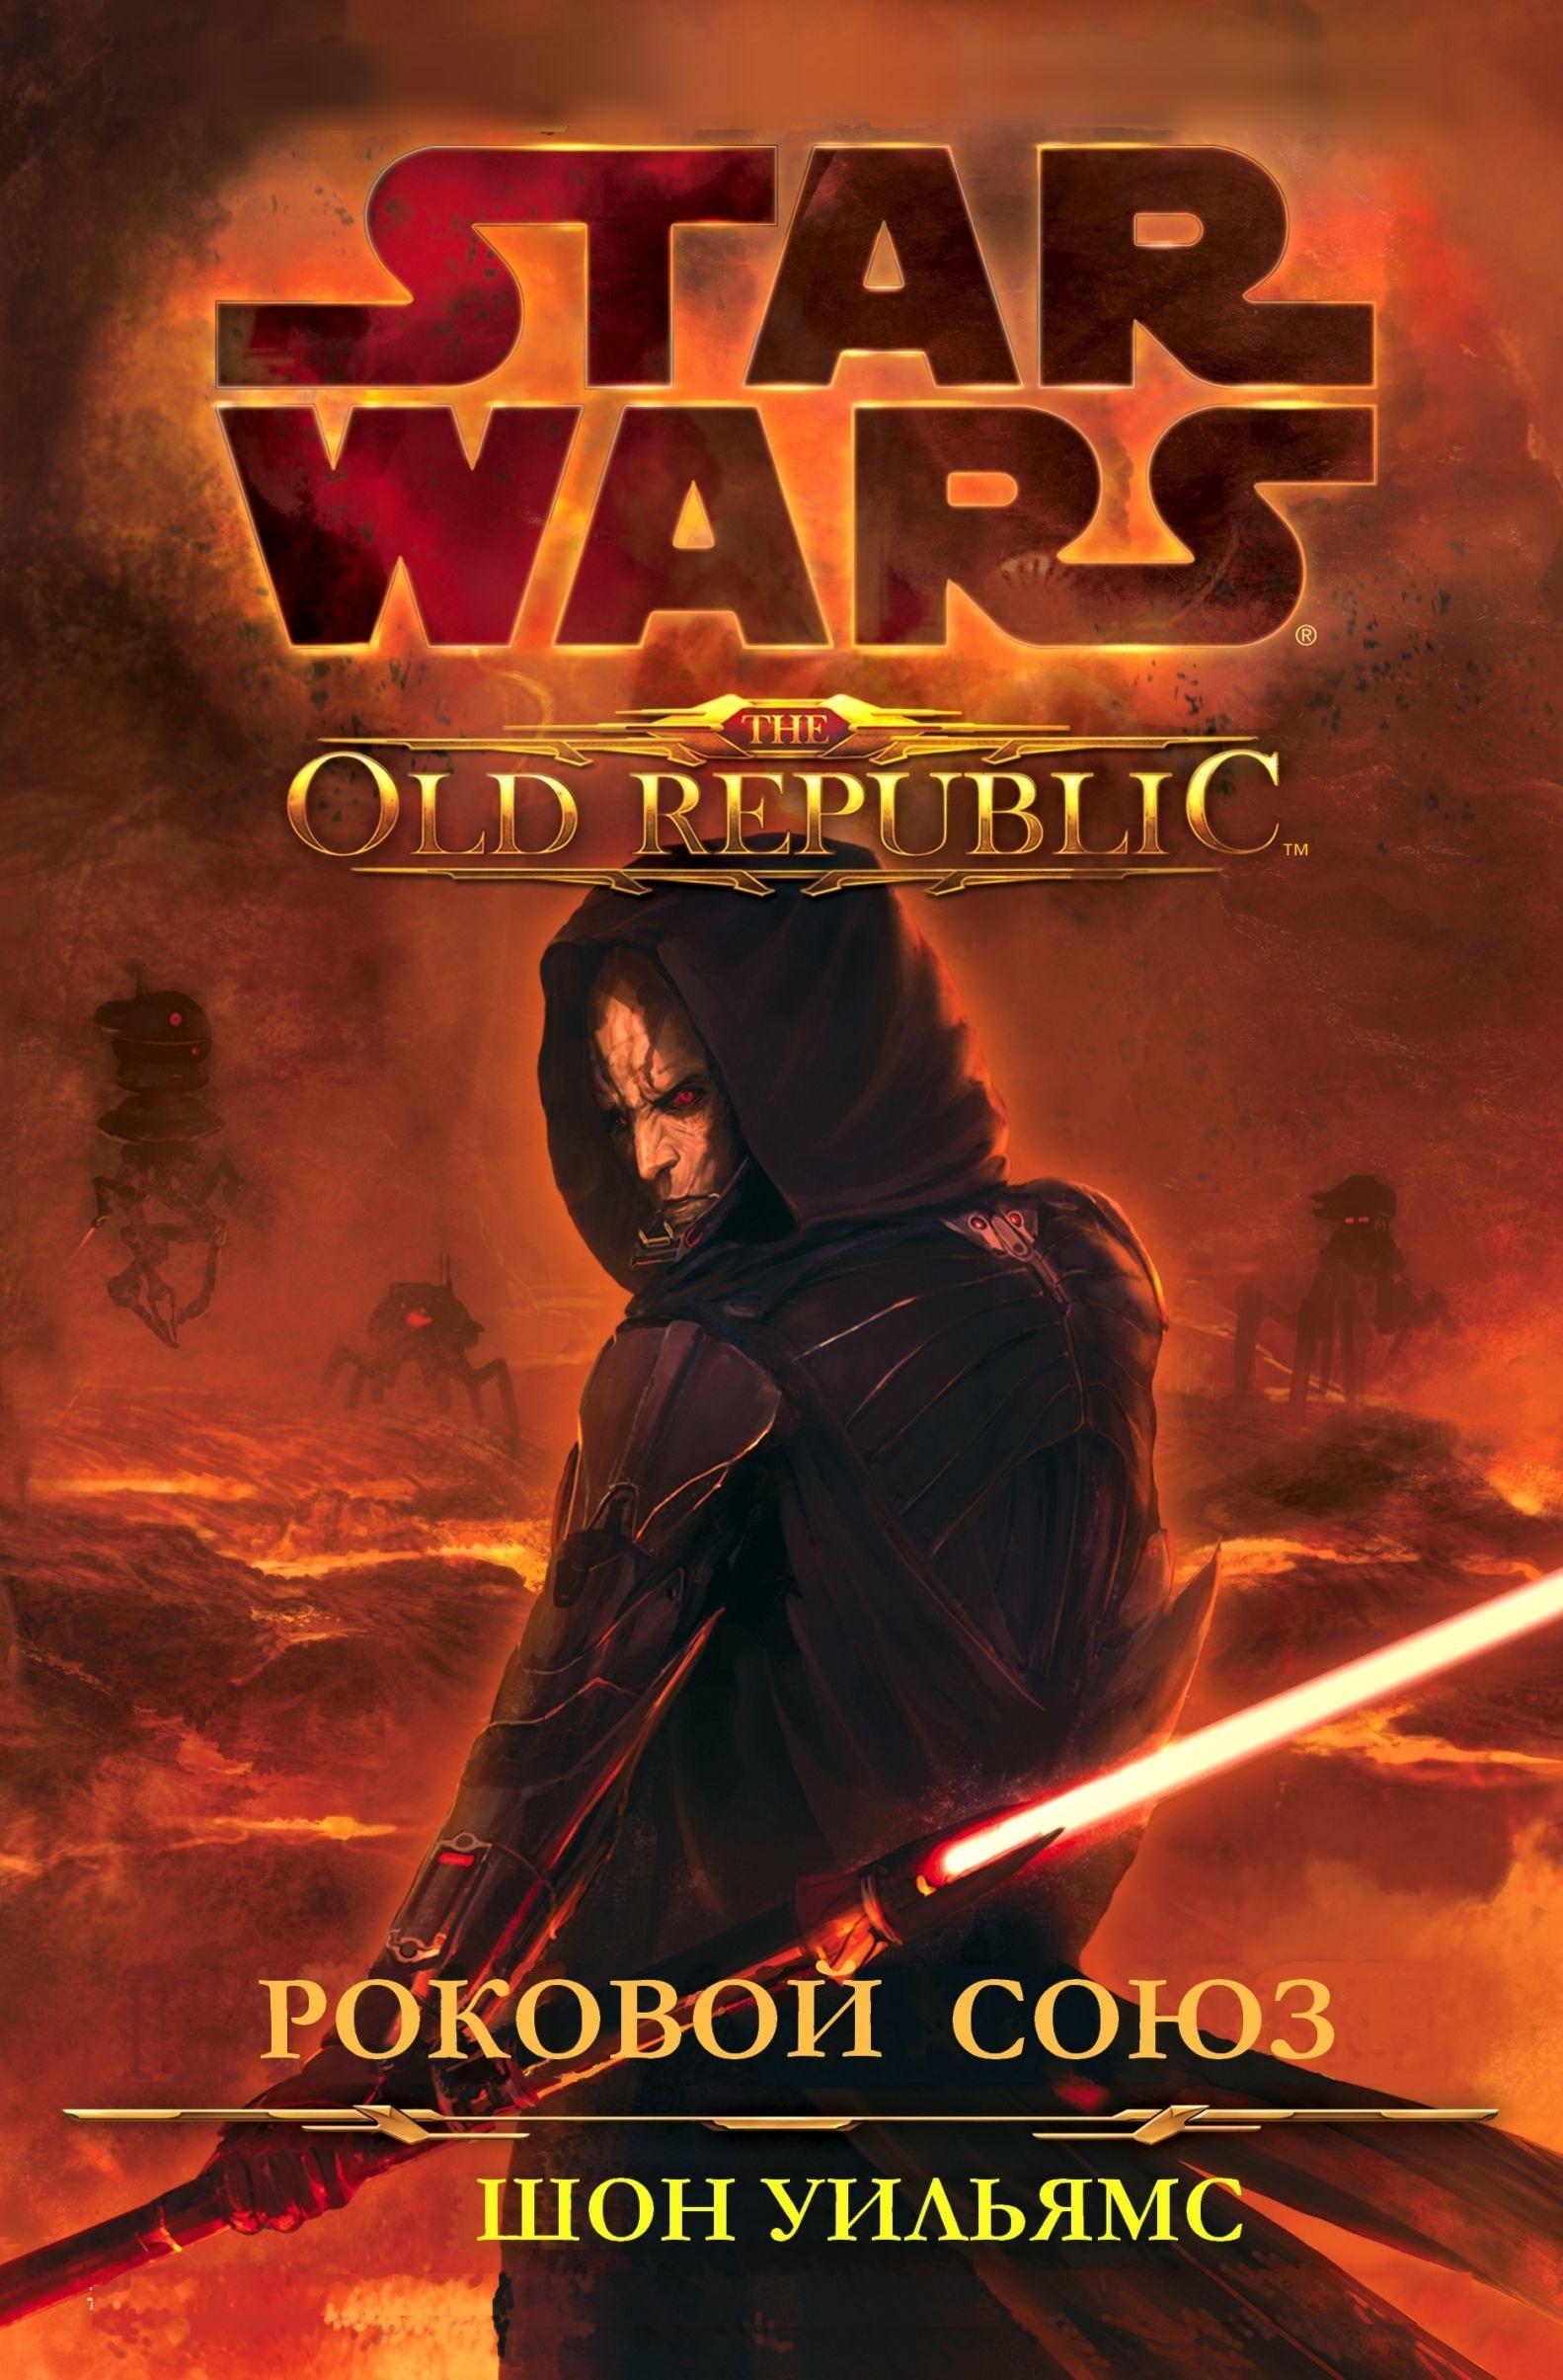 Звёздные войны. Старая Республика: Роковой альянс